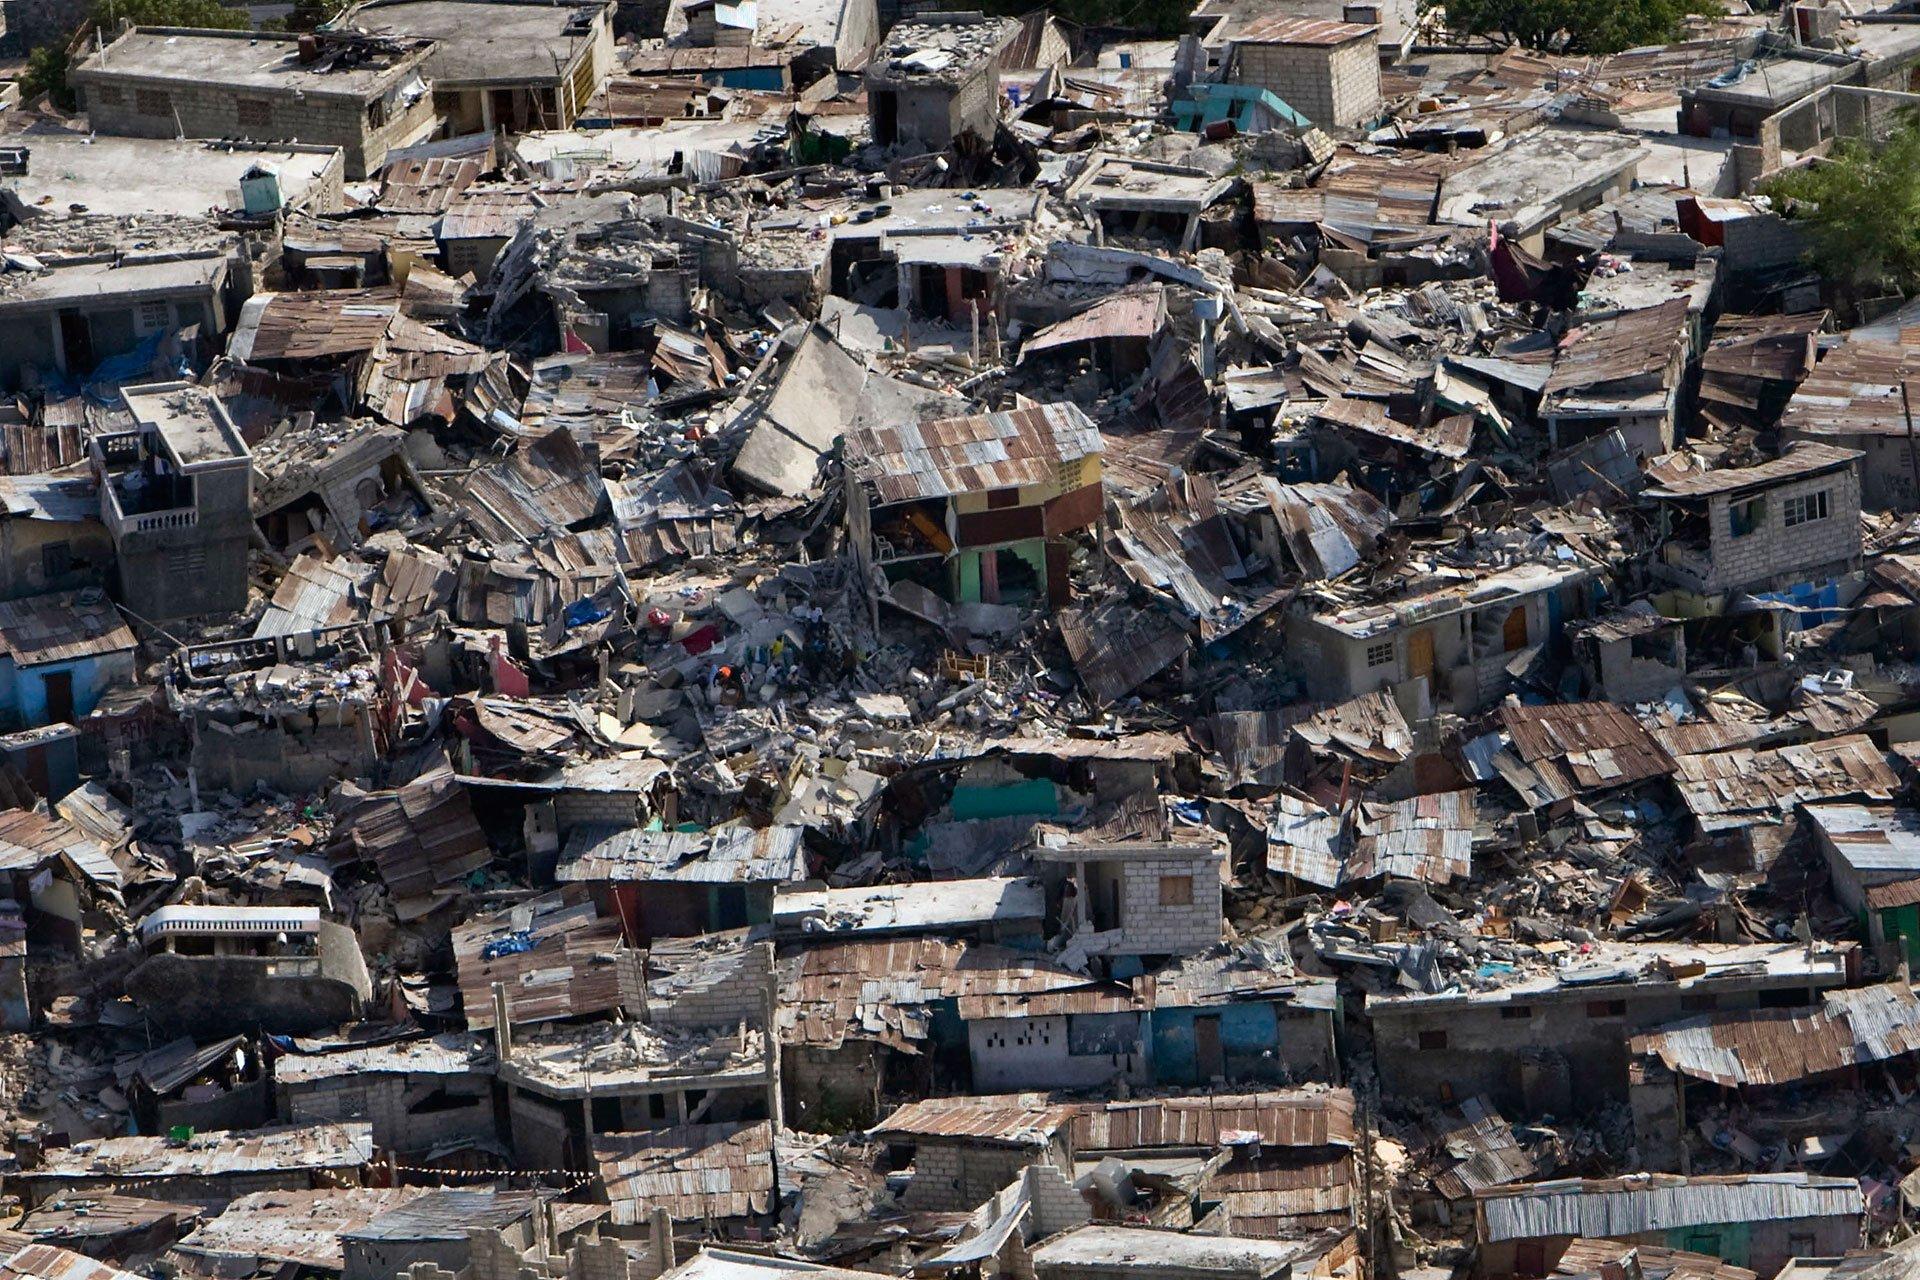 Haití. 12 de enero de 2010. Unas 316 mil personas murieron, otras 300 mil resultaron heridas y más de un millón se quedaron sin hogar en el terremoto (de 7,0 en la escala de Richter) más mortífero de la historia, que azotó a la isla caribeña, la nación más pobre del continente